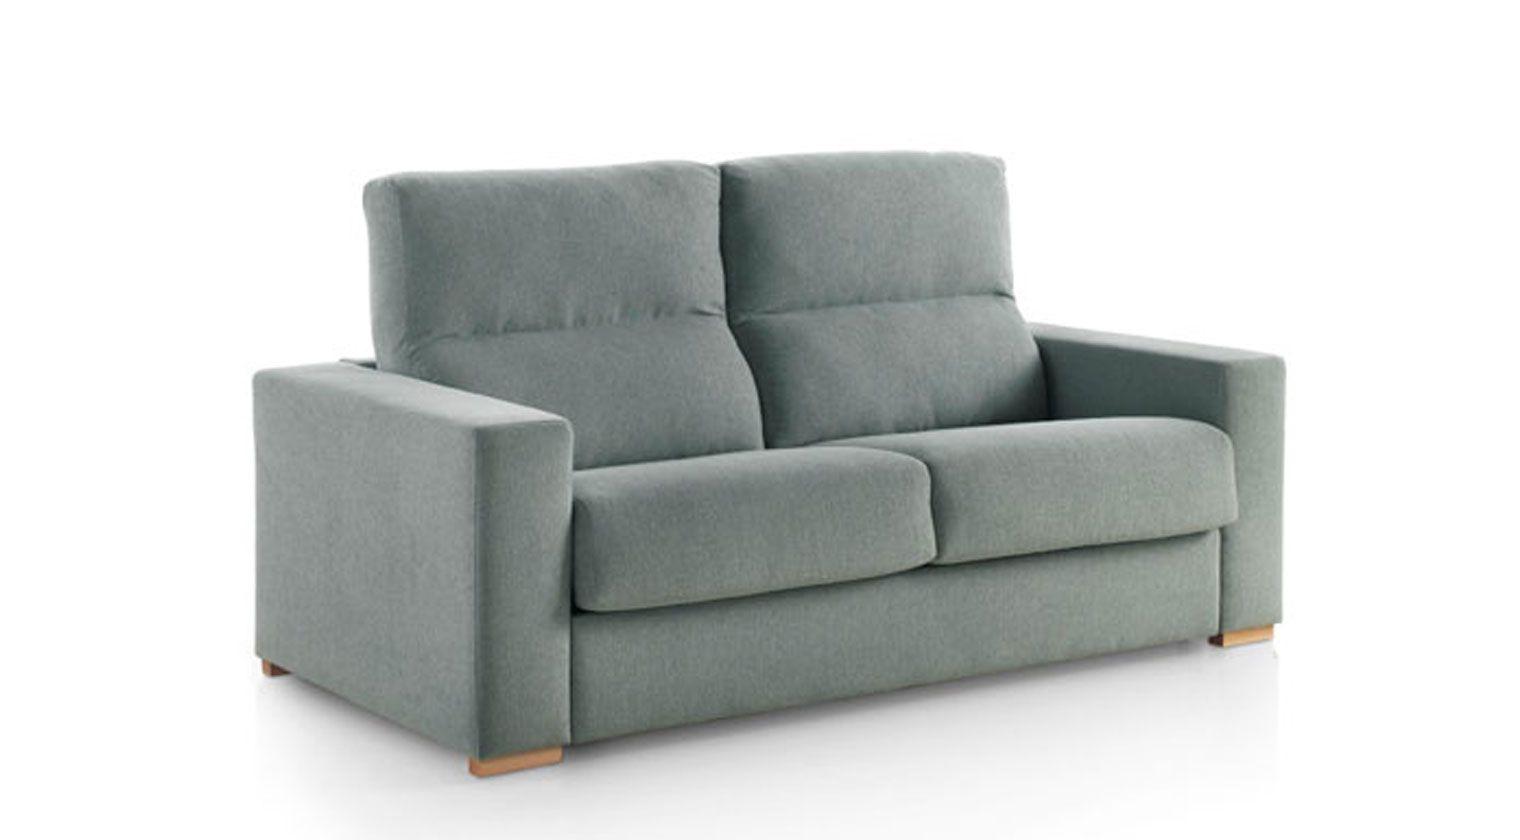 Comprar sof cama bossa 3 plazas cama 150x190 cm ambar - Sofas cama murcia ...